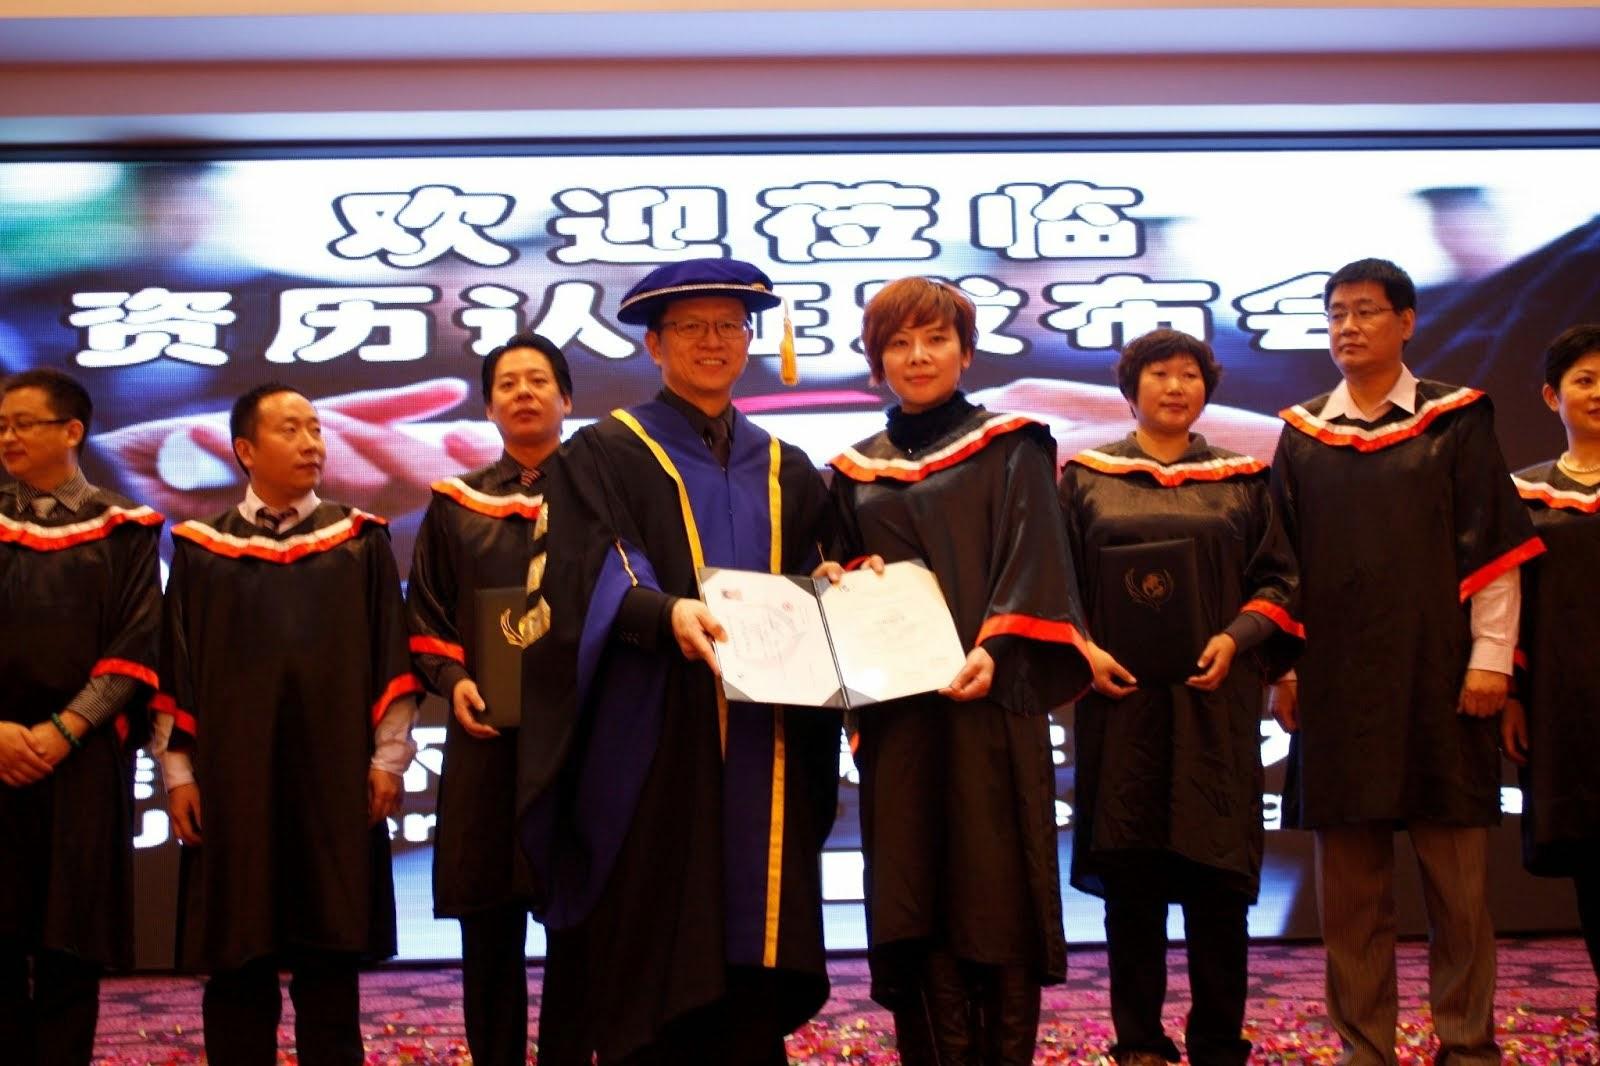 2012 中国广州毕业礼 China